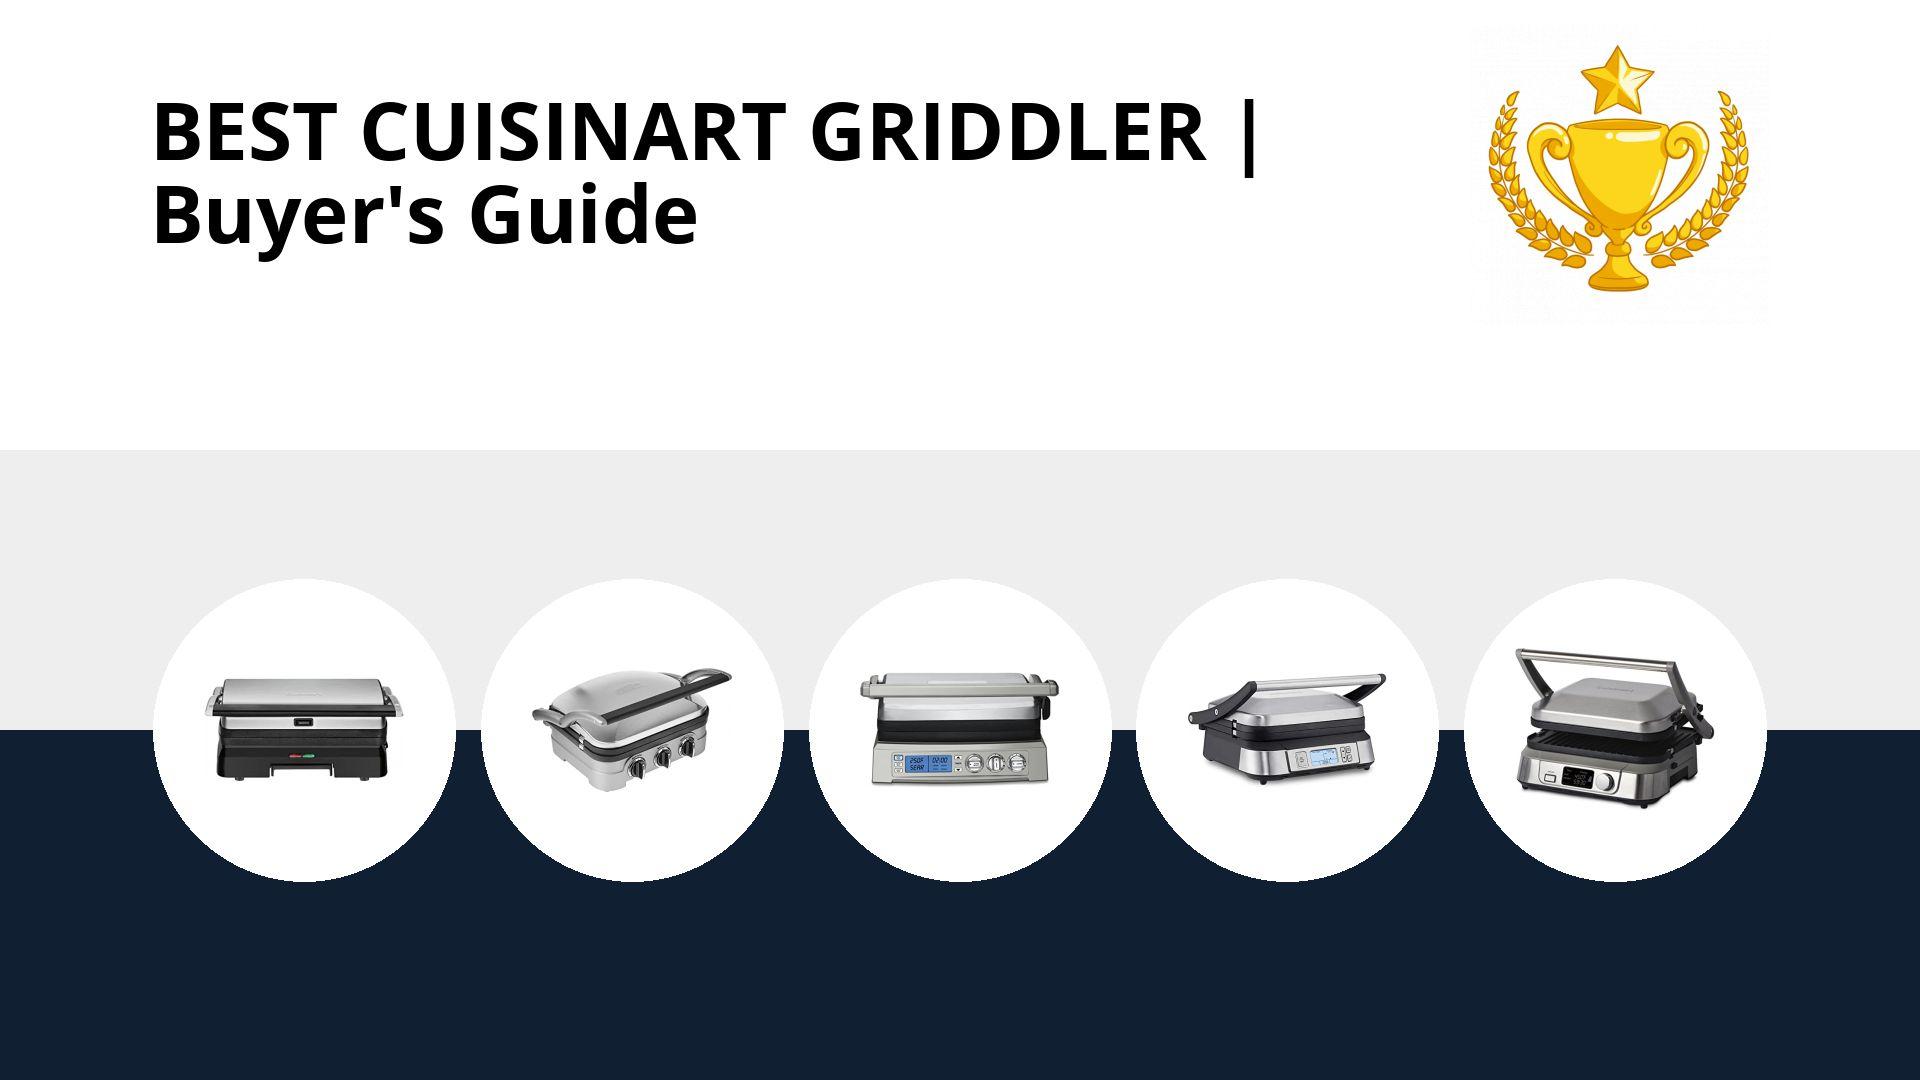 Best Cuisinart Griddler: image